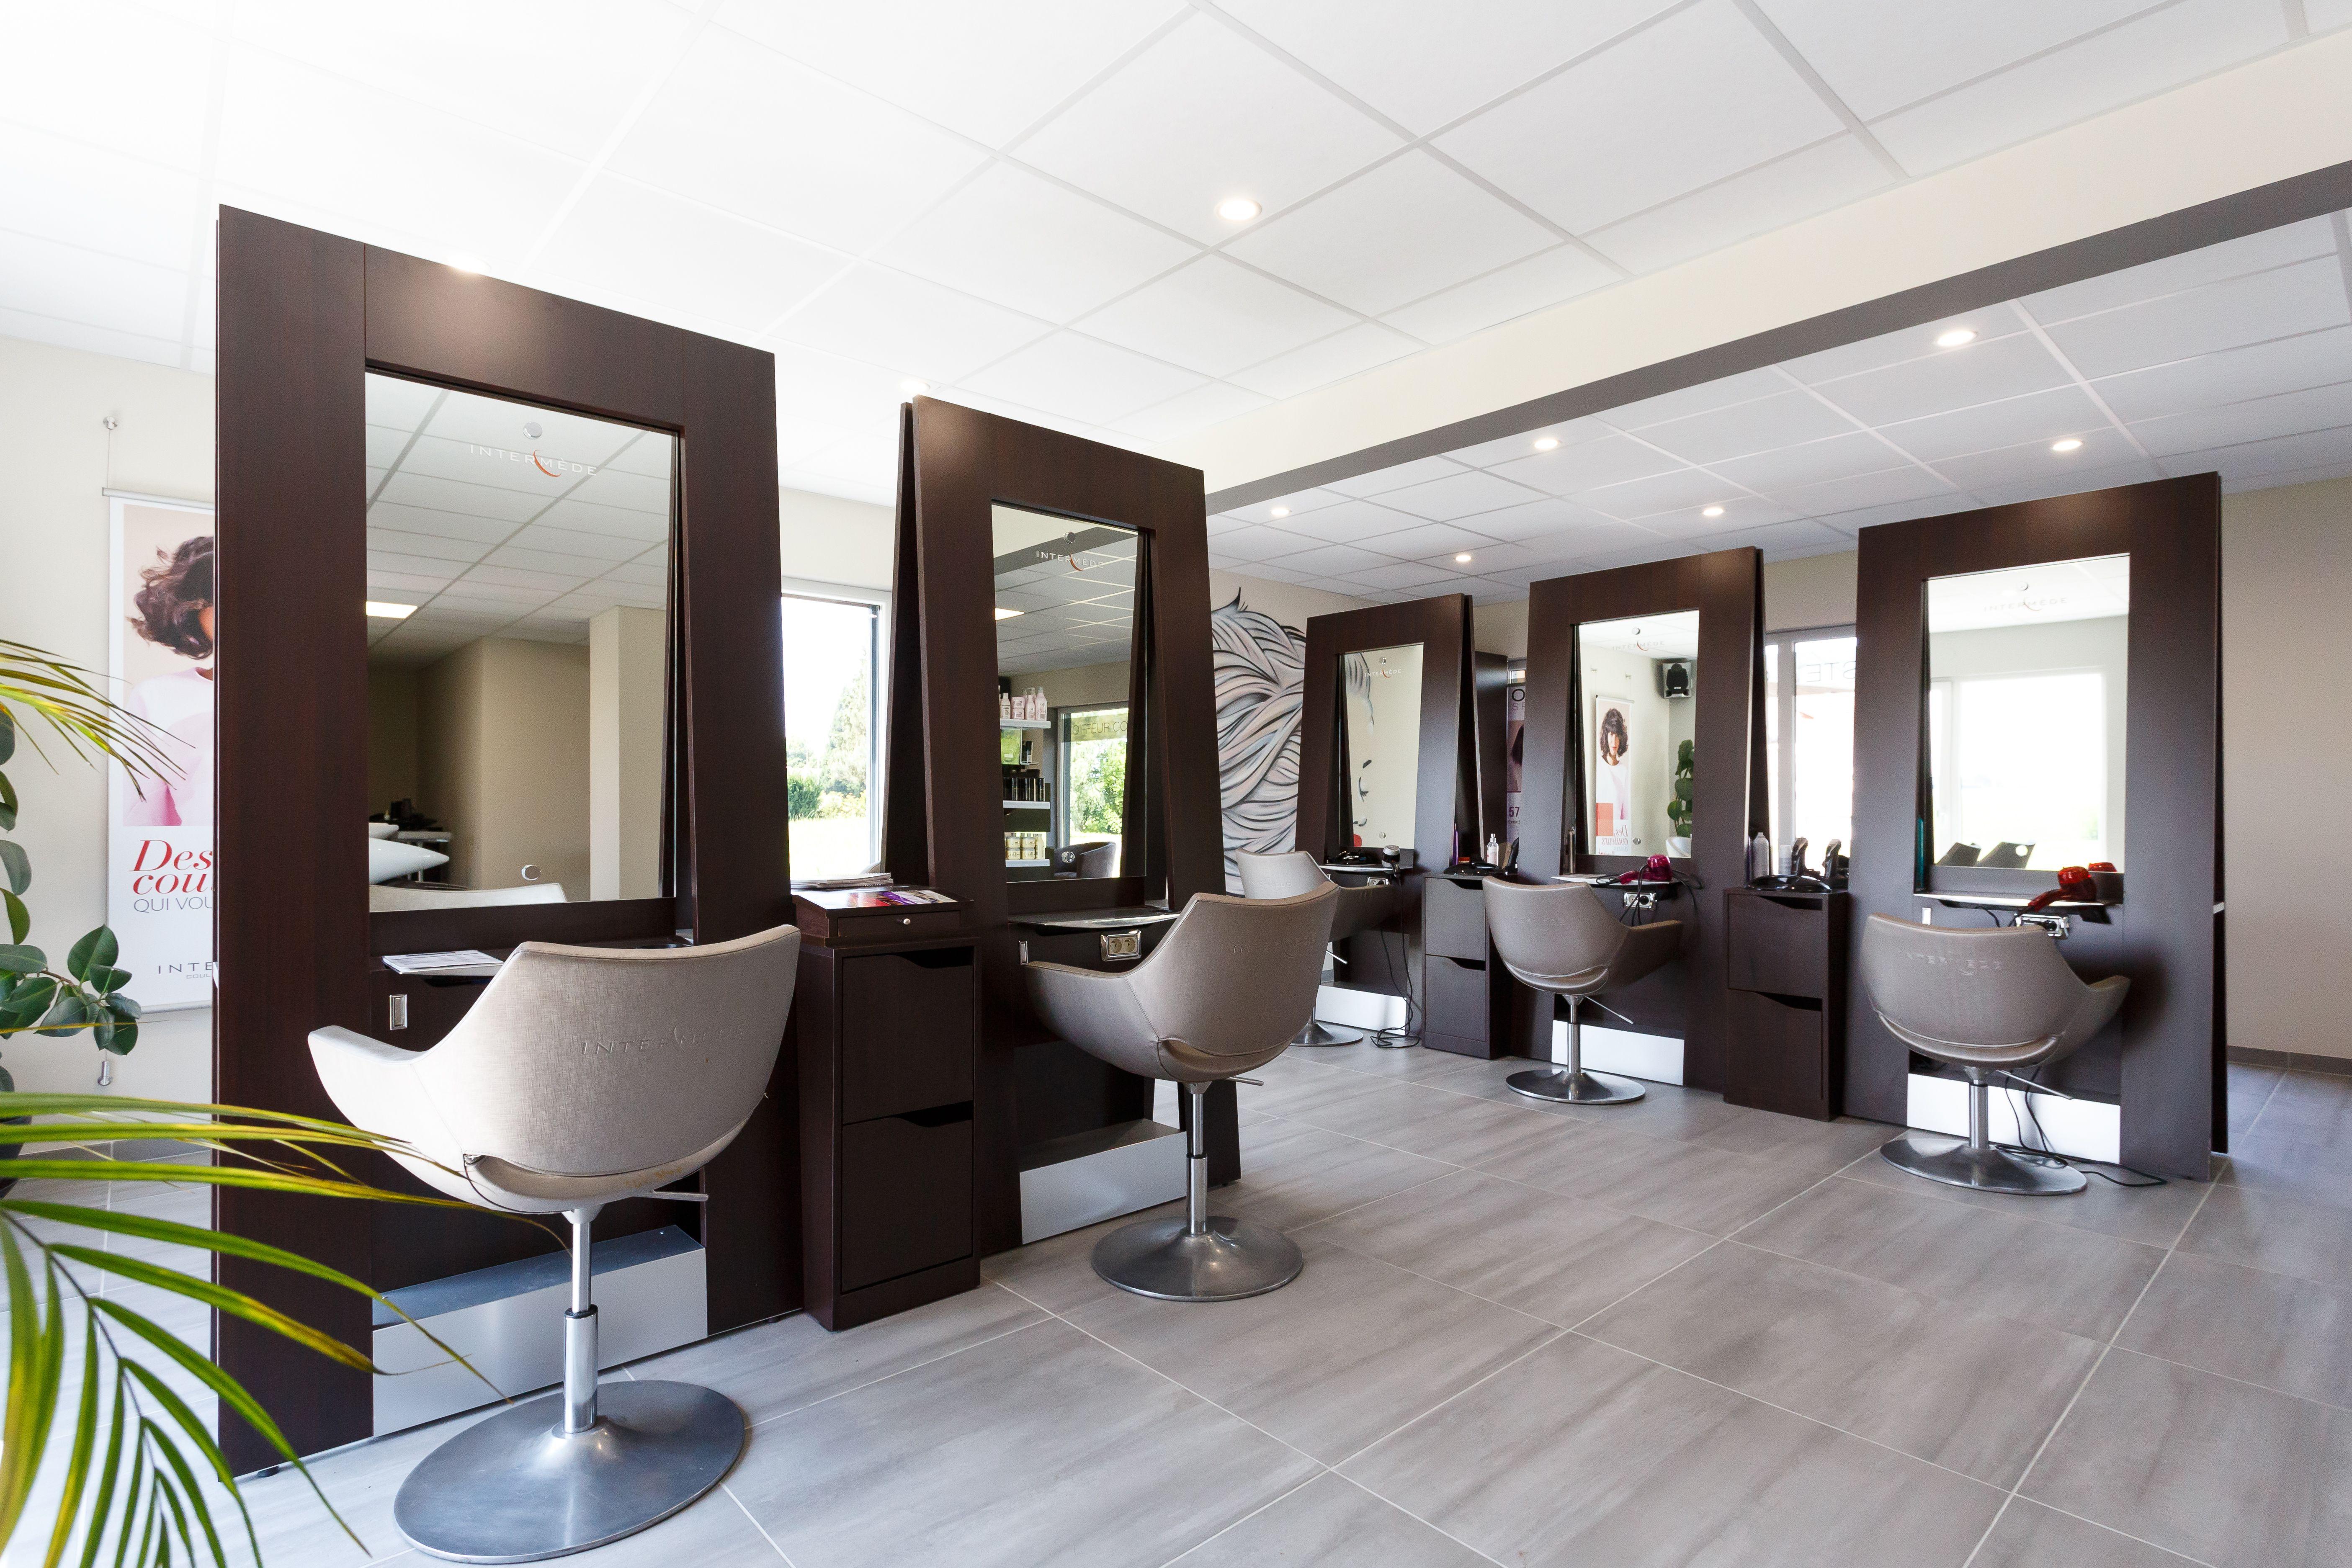 Un Salon De Coiffure Salon Decor Hair Salon Decor Home Decor